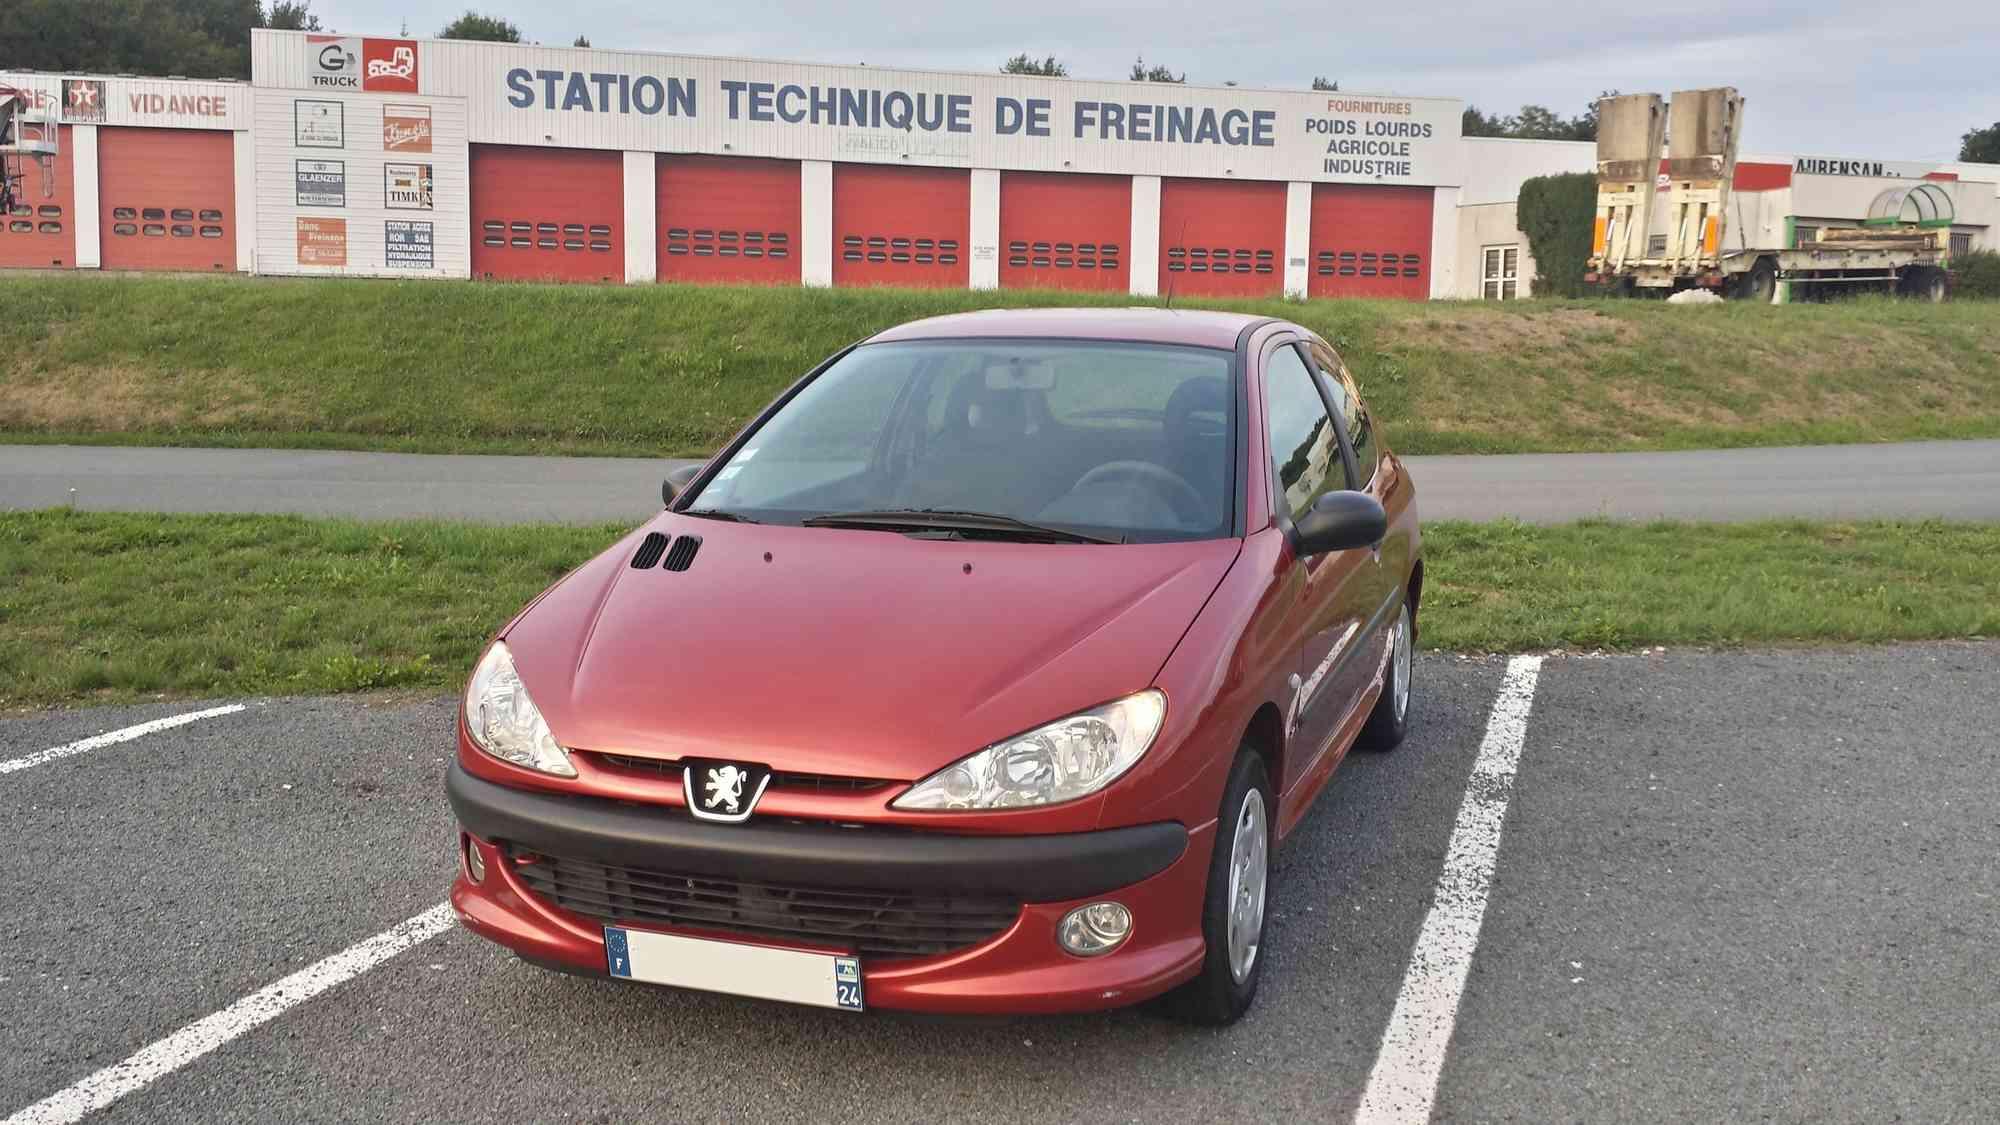 2O6 XS 1.4i 75 rouge Lucifer 1410